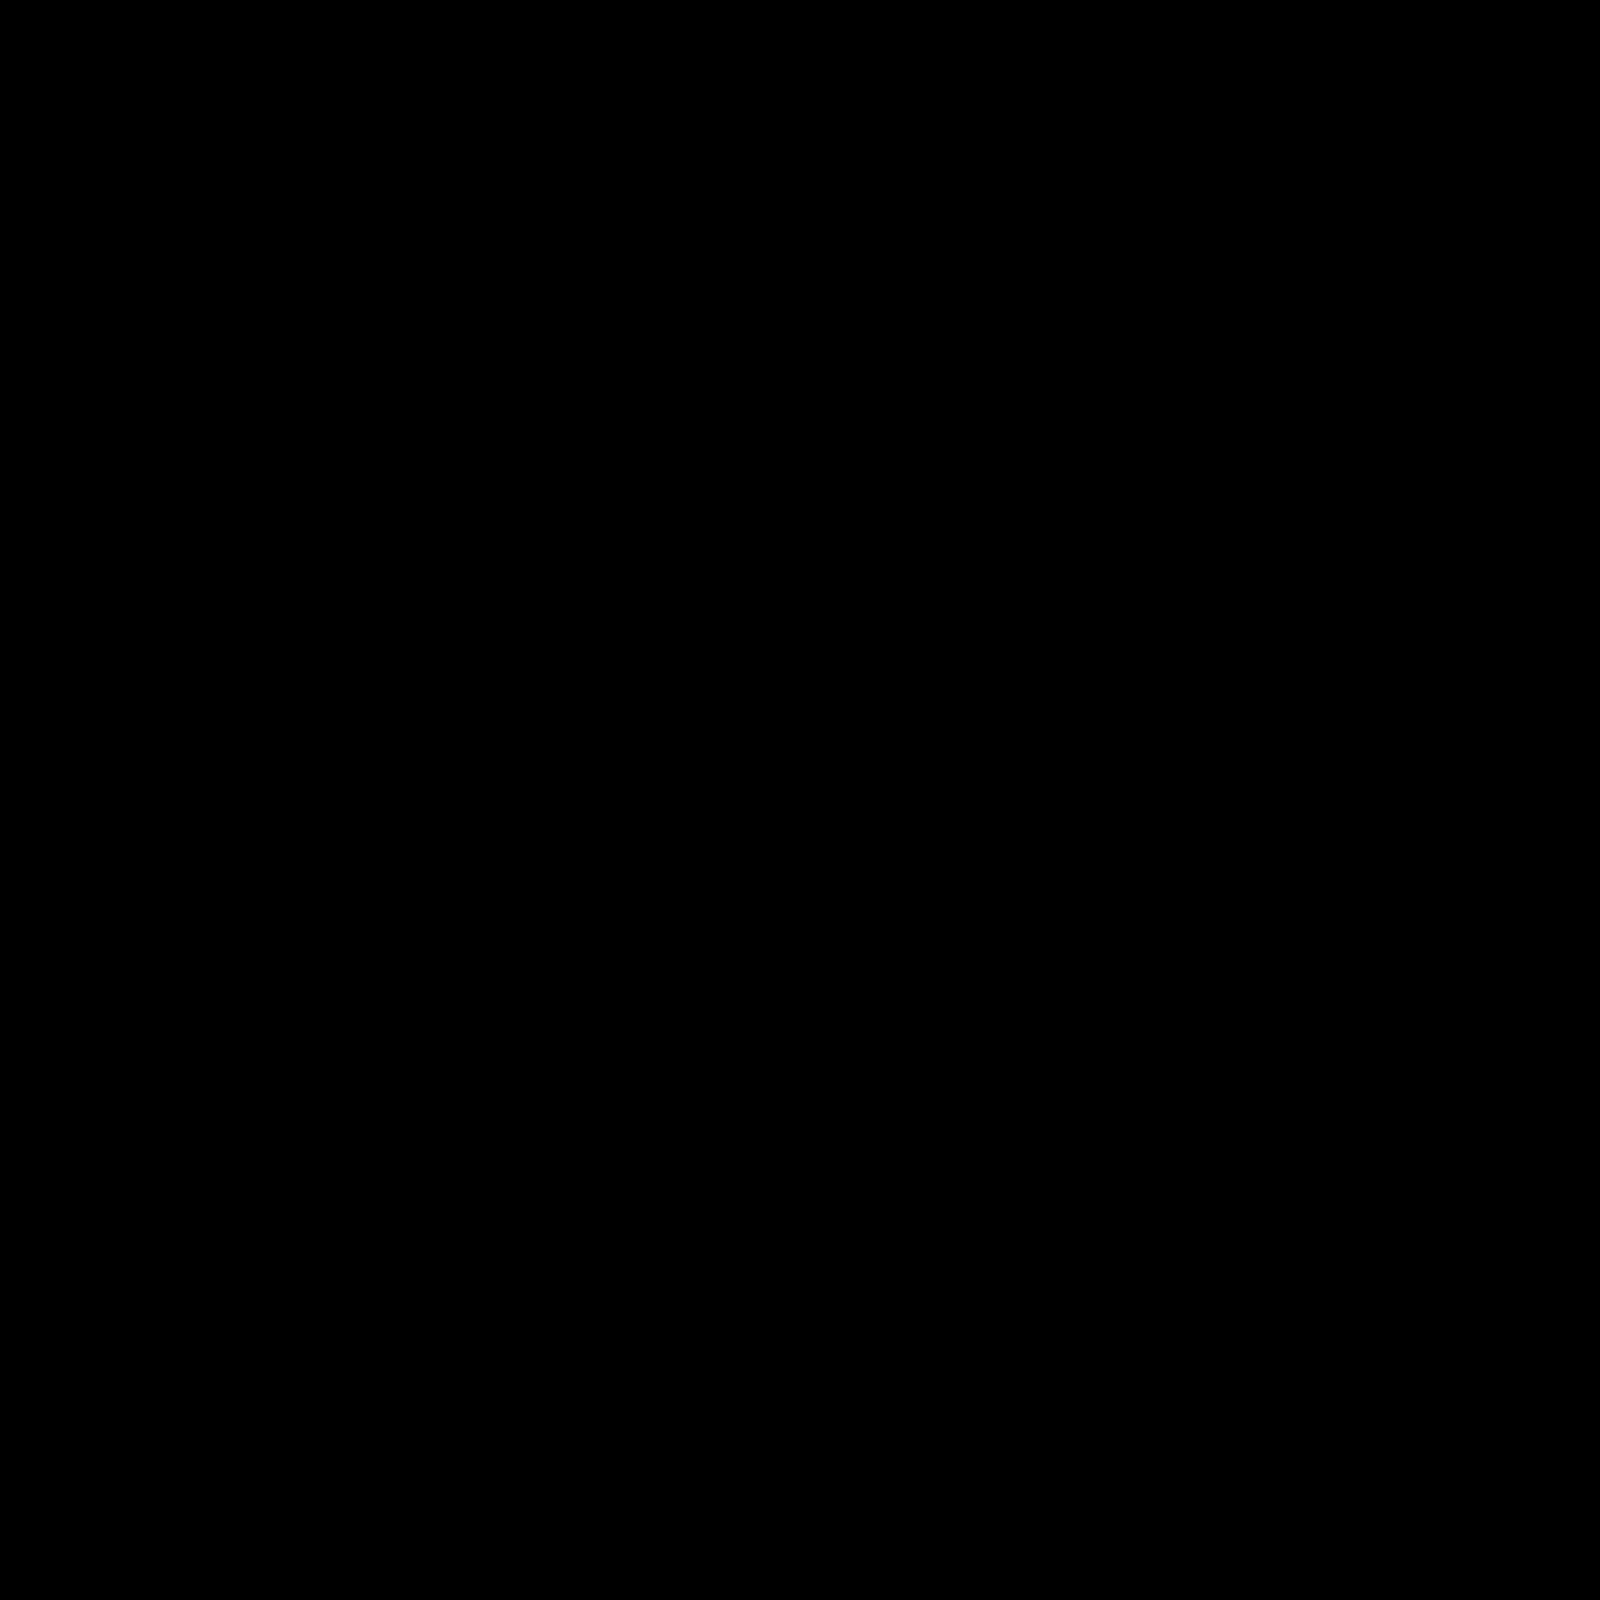 Почтовый индекс icon